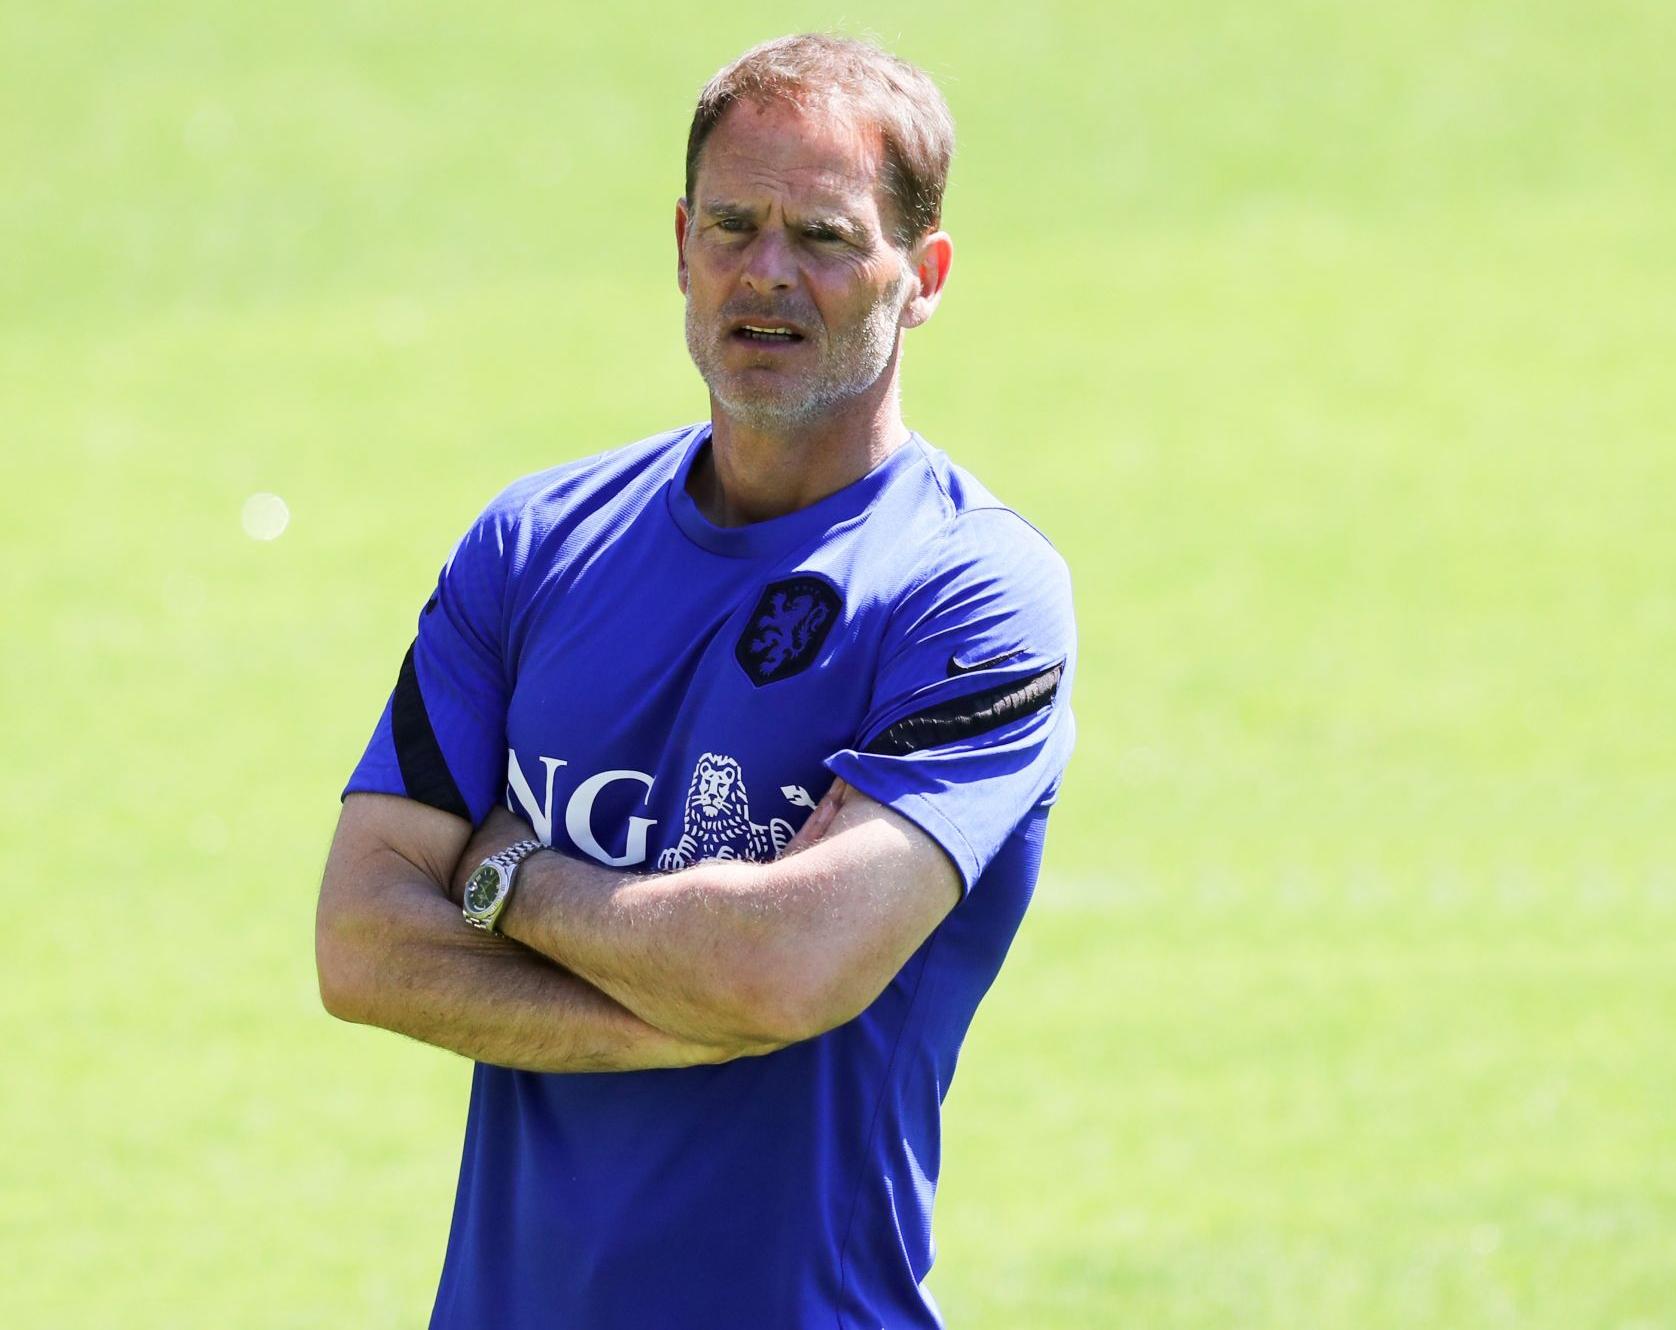 دي بور: استدعاء أي بديل للاعب المصاب فان دي بيك سيؤثر على استقرار المنتخب الهولندي